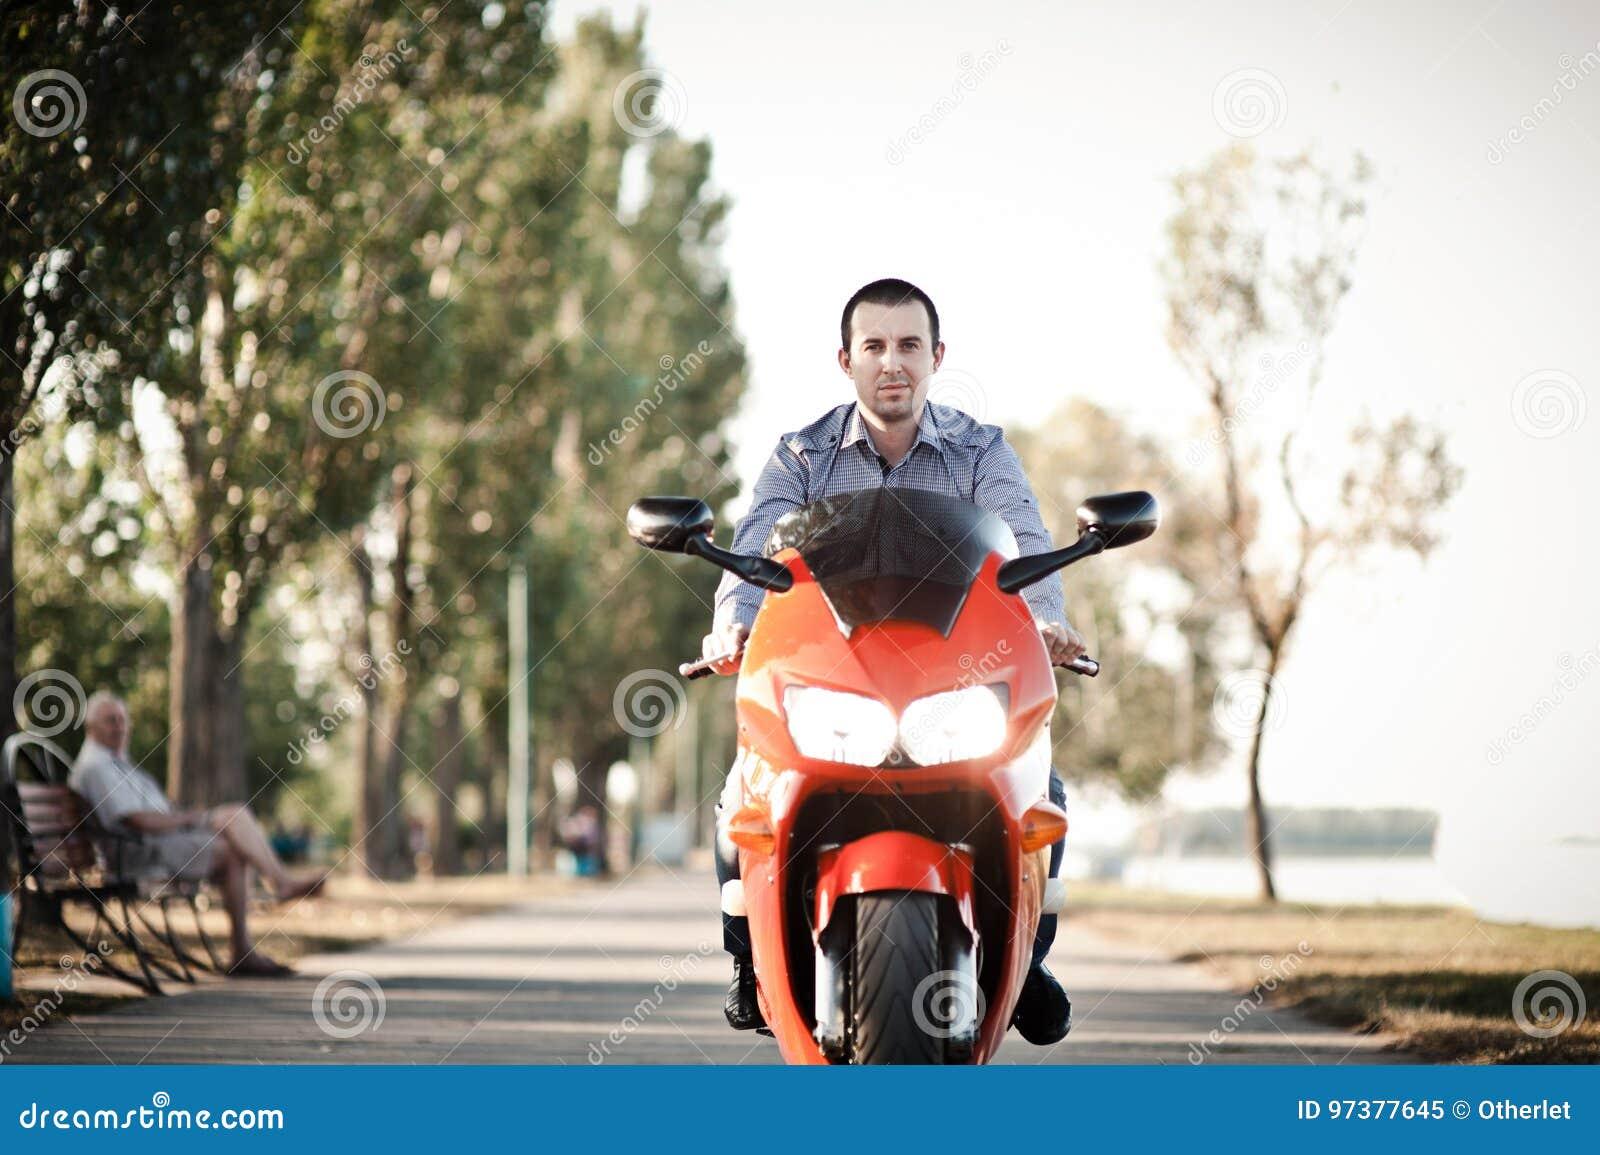 En man på vägen rider en motorcykel